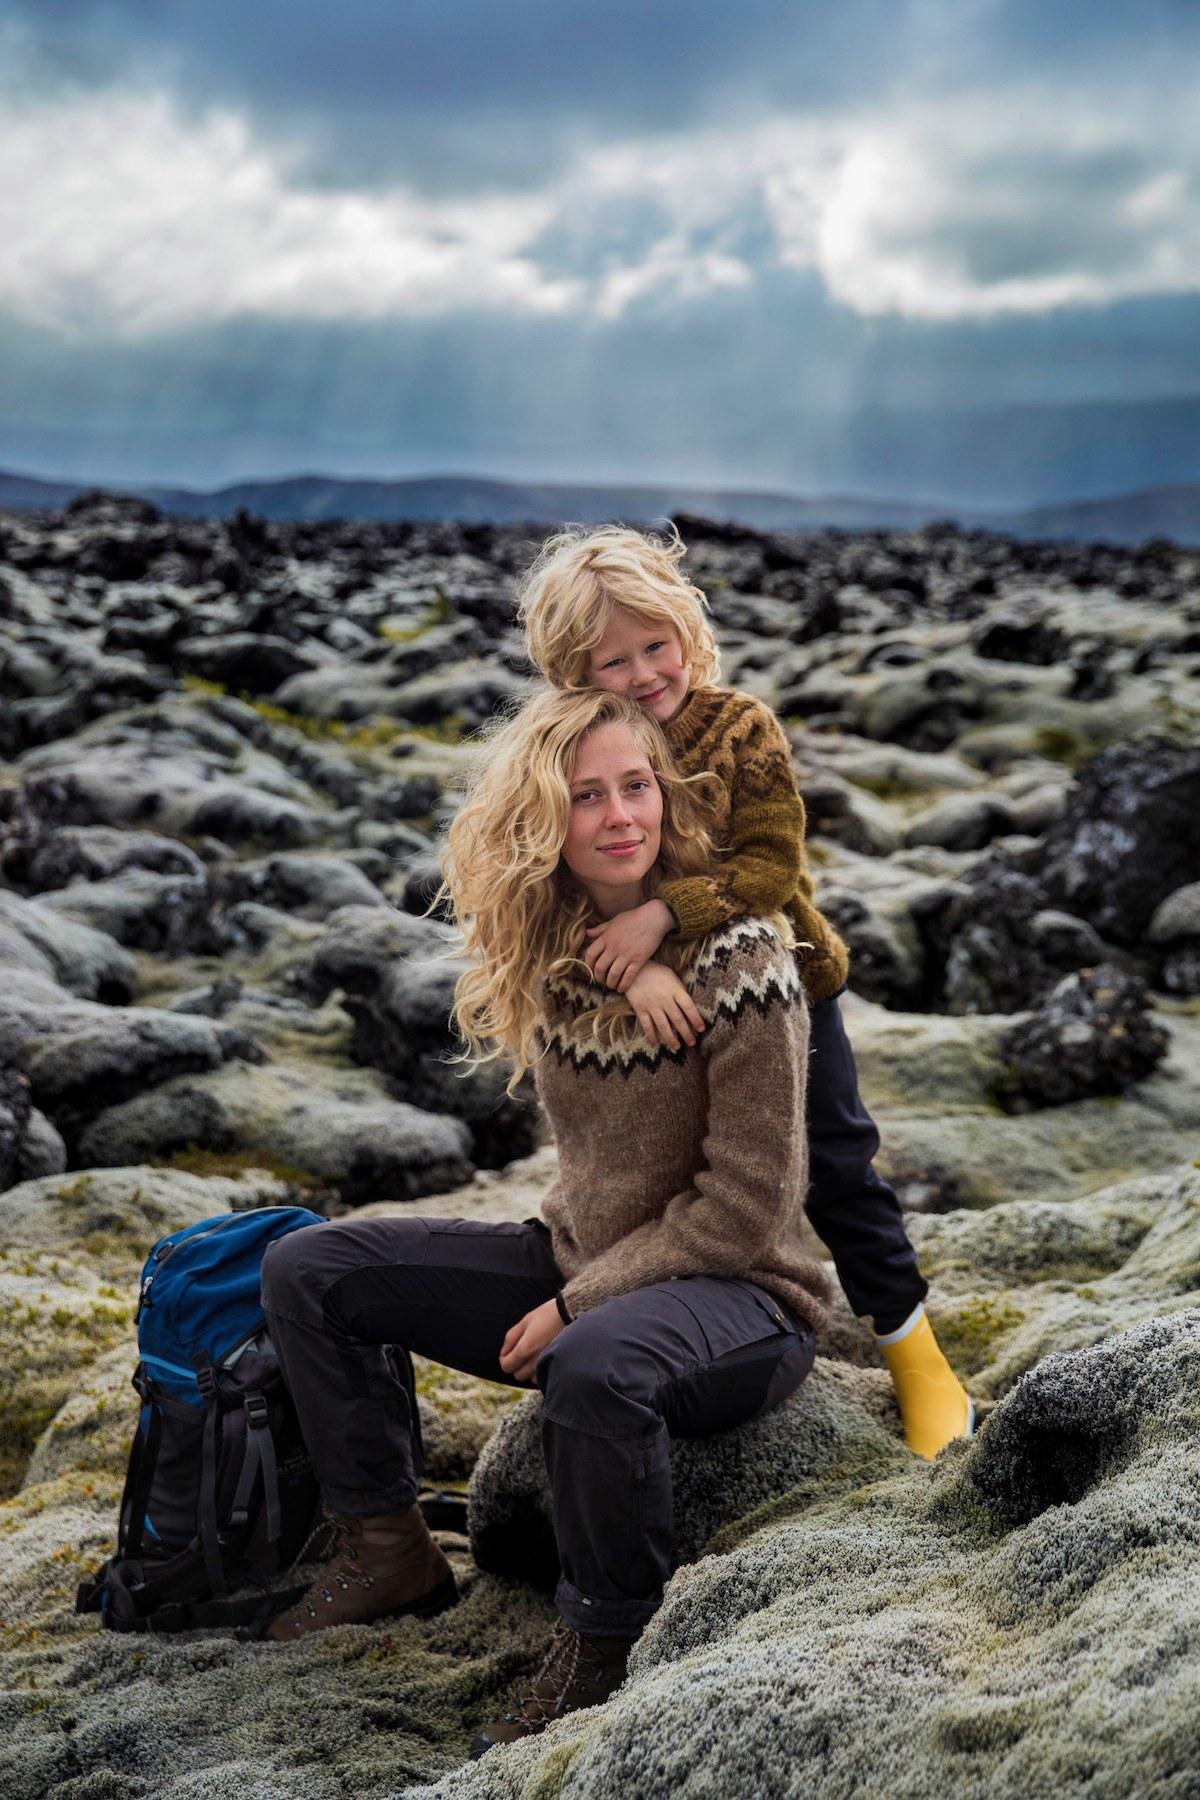 Андреа, гид по приключениям, и её сын Бенджамин (недалеко от Рейкьявика, Исландия)